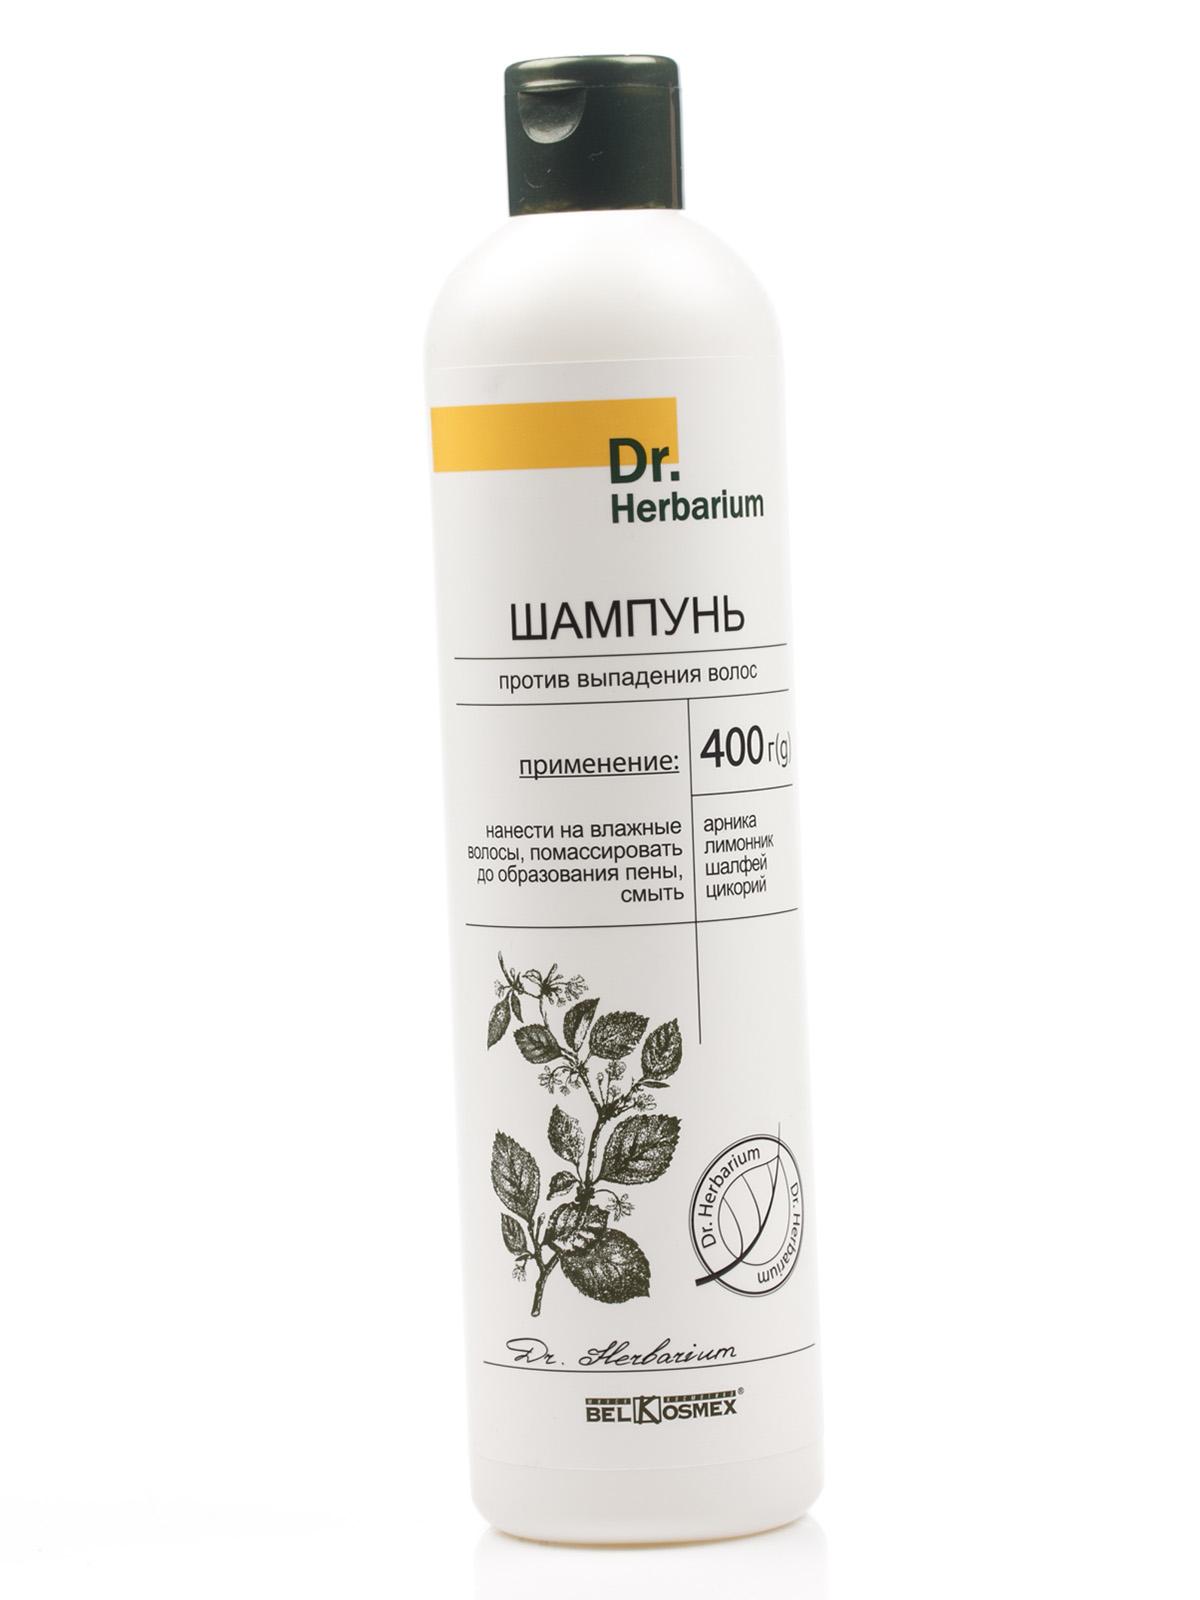 Список лечебных шампуней от перхоти, продающихся в аптеке